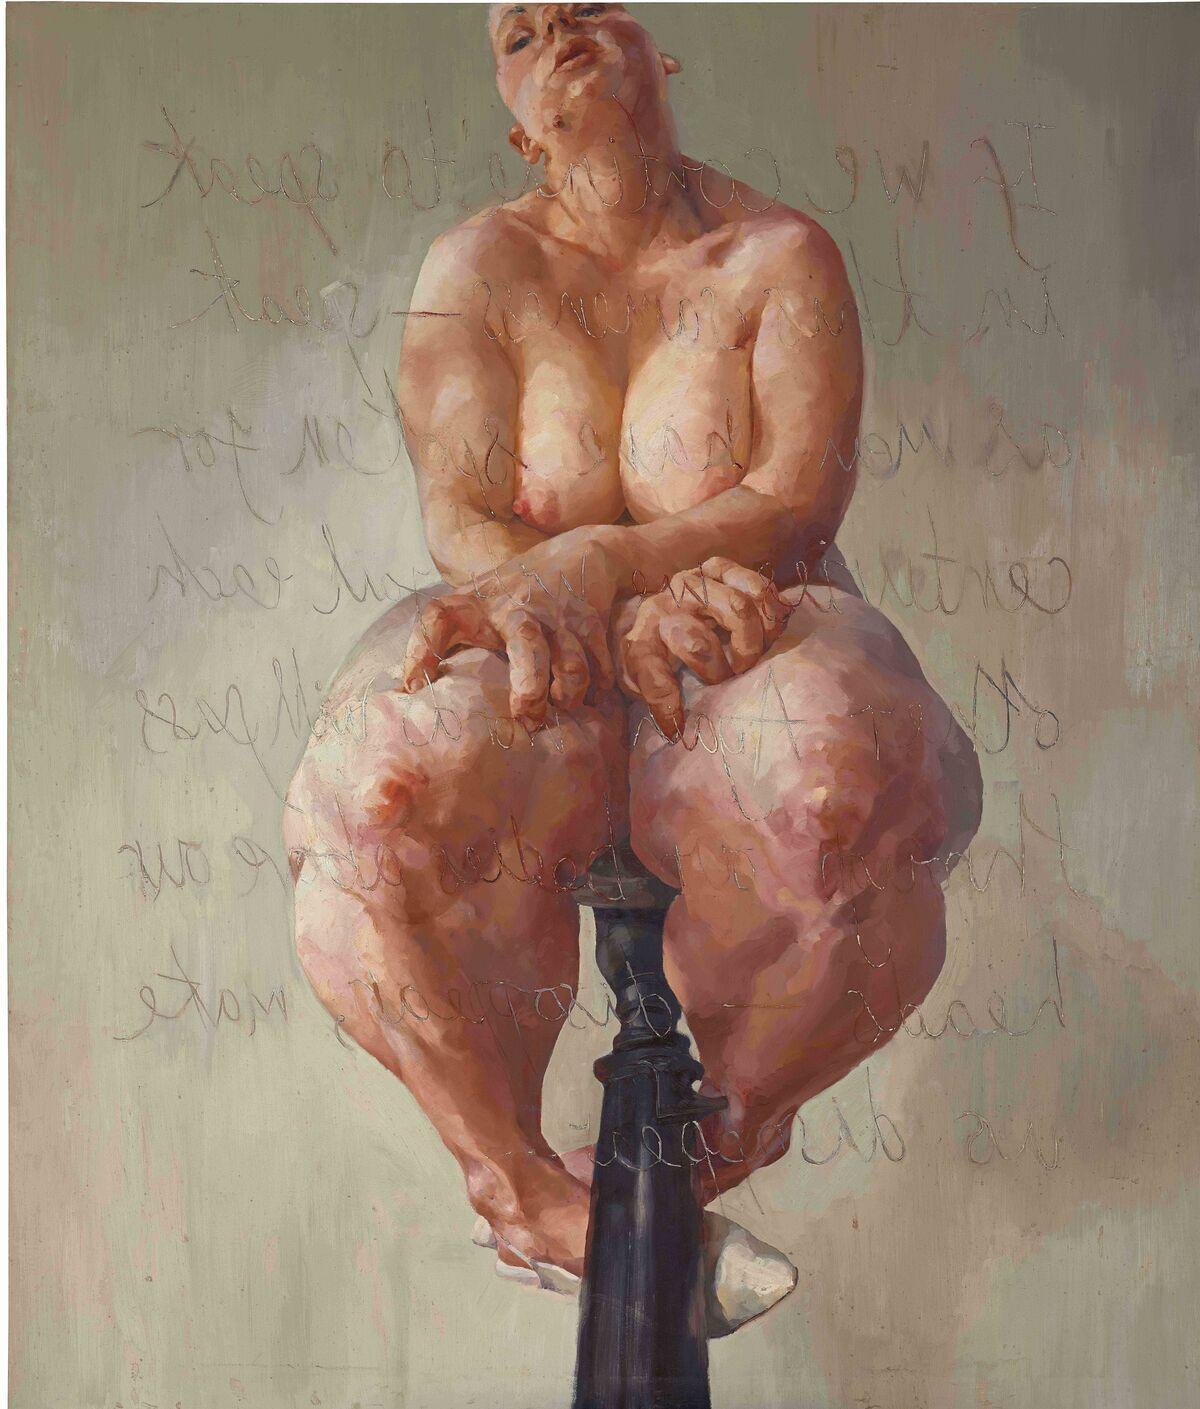 Jenny Saville, Propped, 1992. Courtesy of Sotheby's.